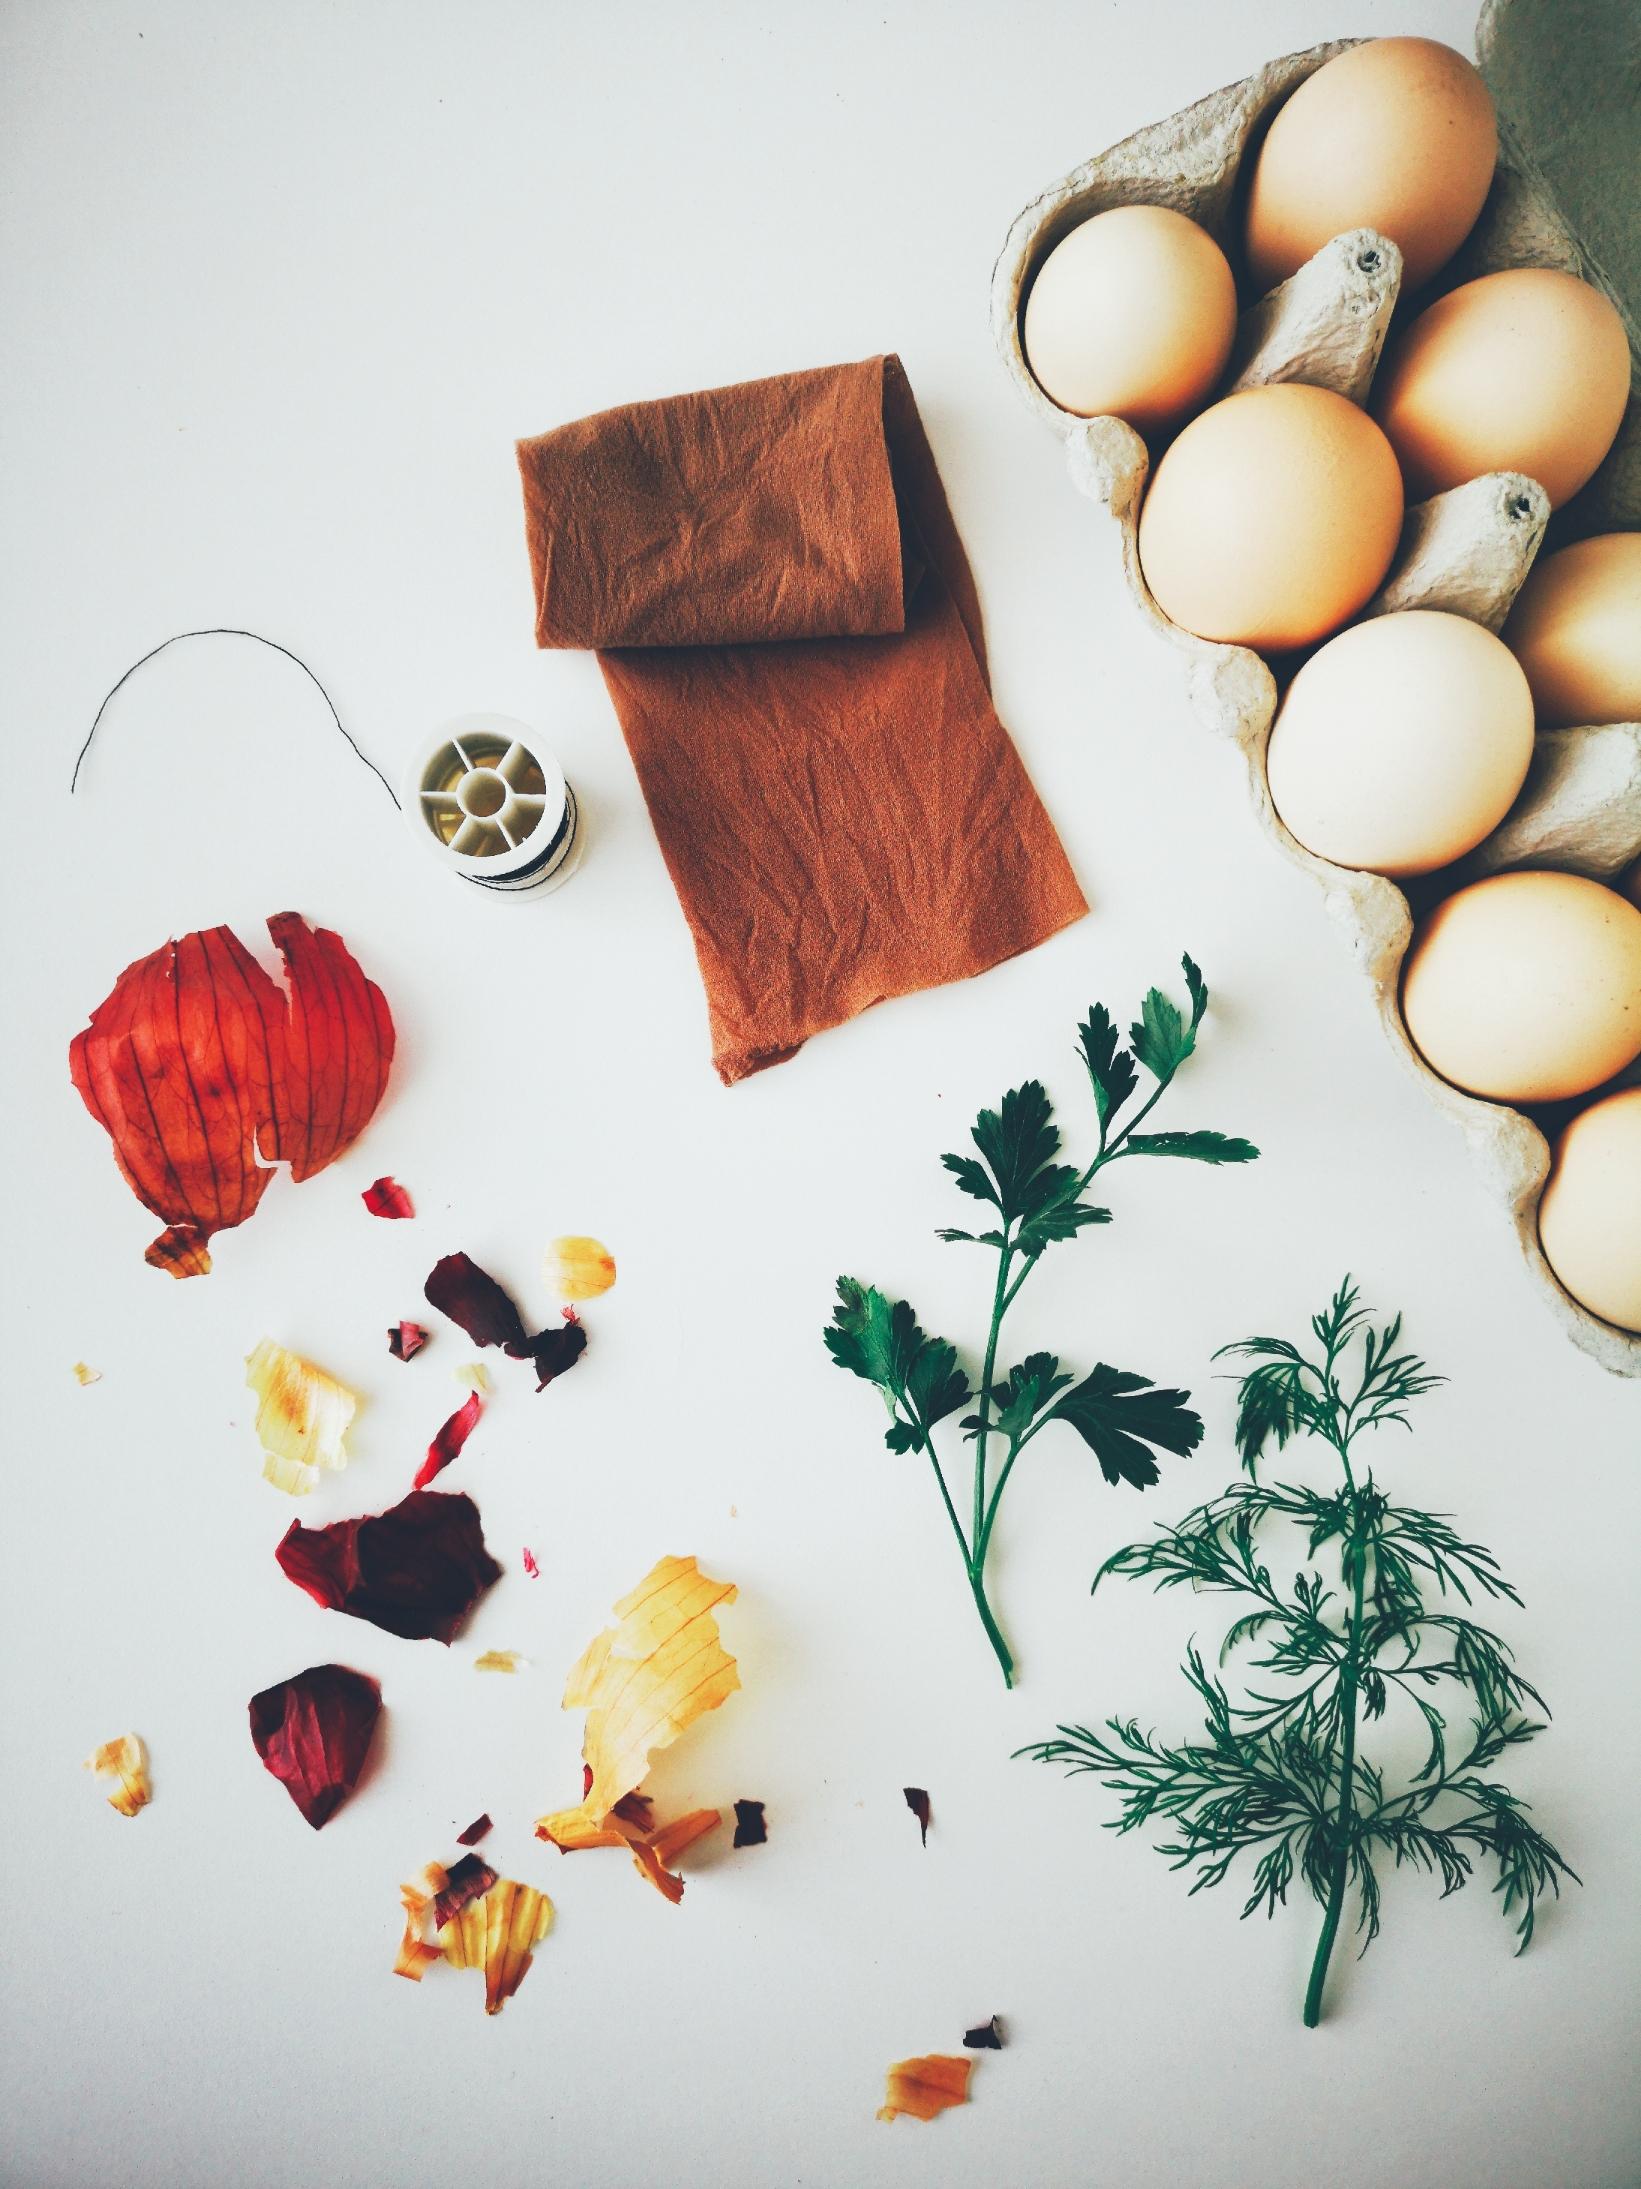 Oua vopsite cu coji de ceapa